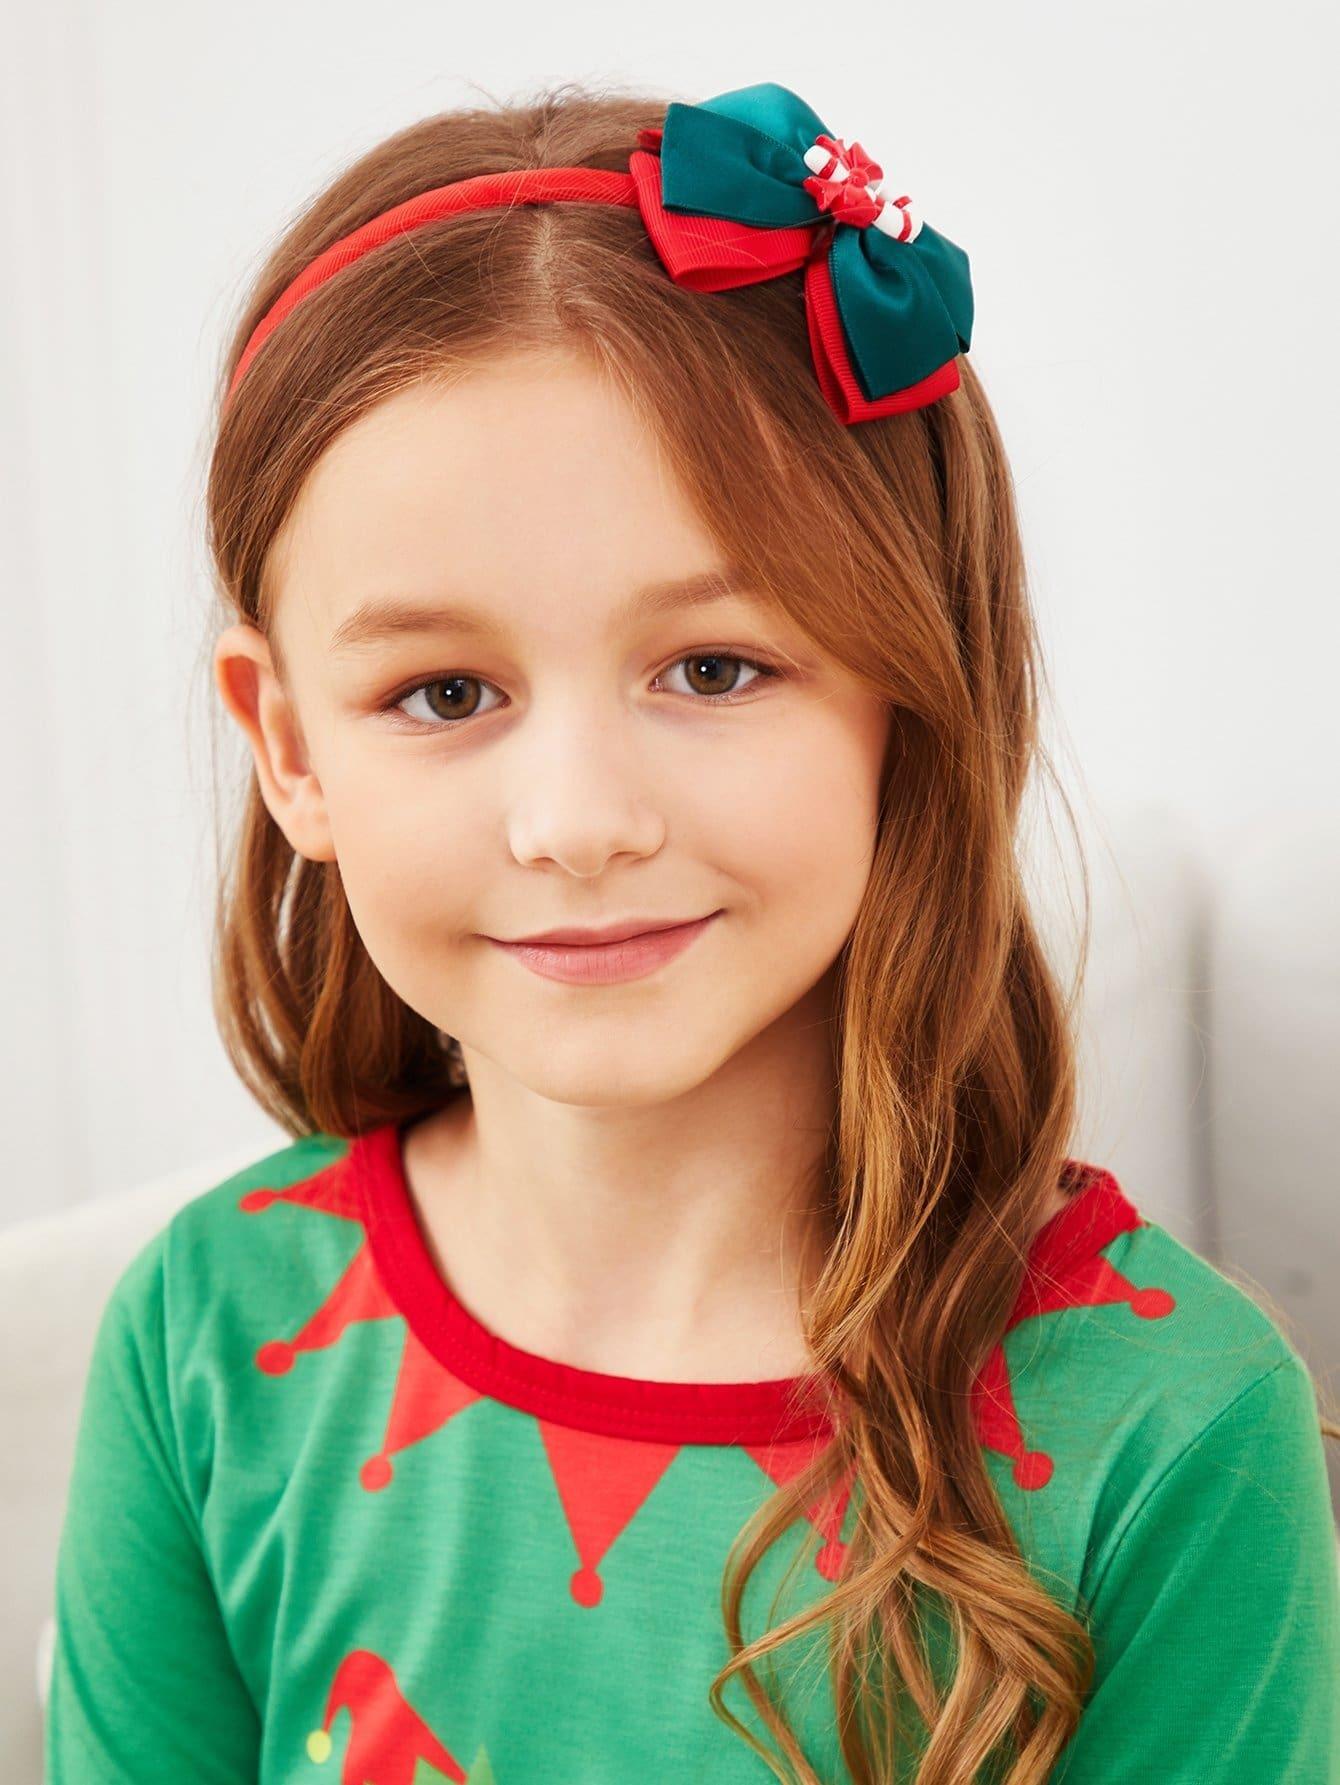 5шт.Рождественские девочки аксессуары для волос набор, null, SheIn  - купить со скидкой